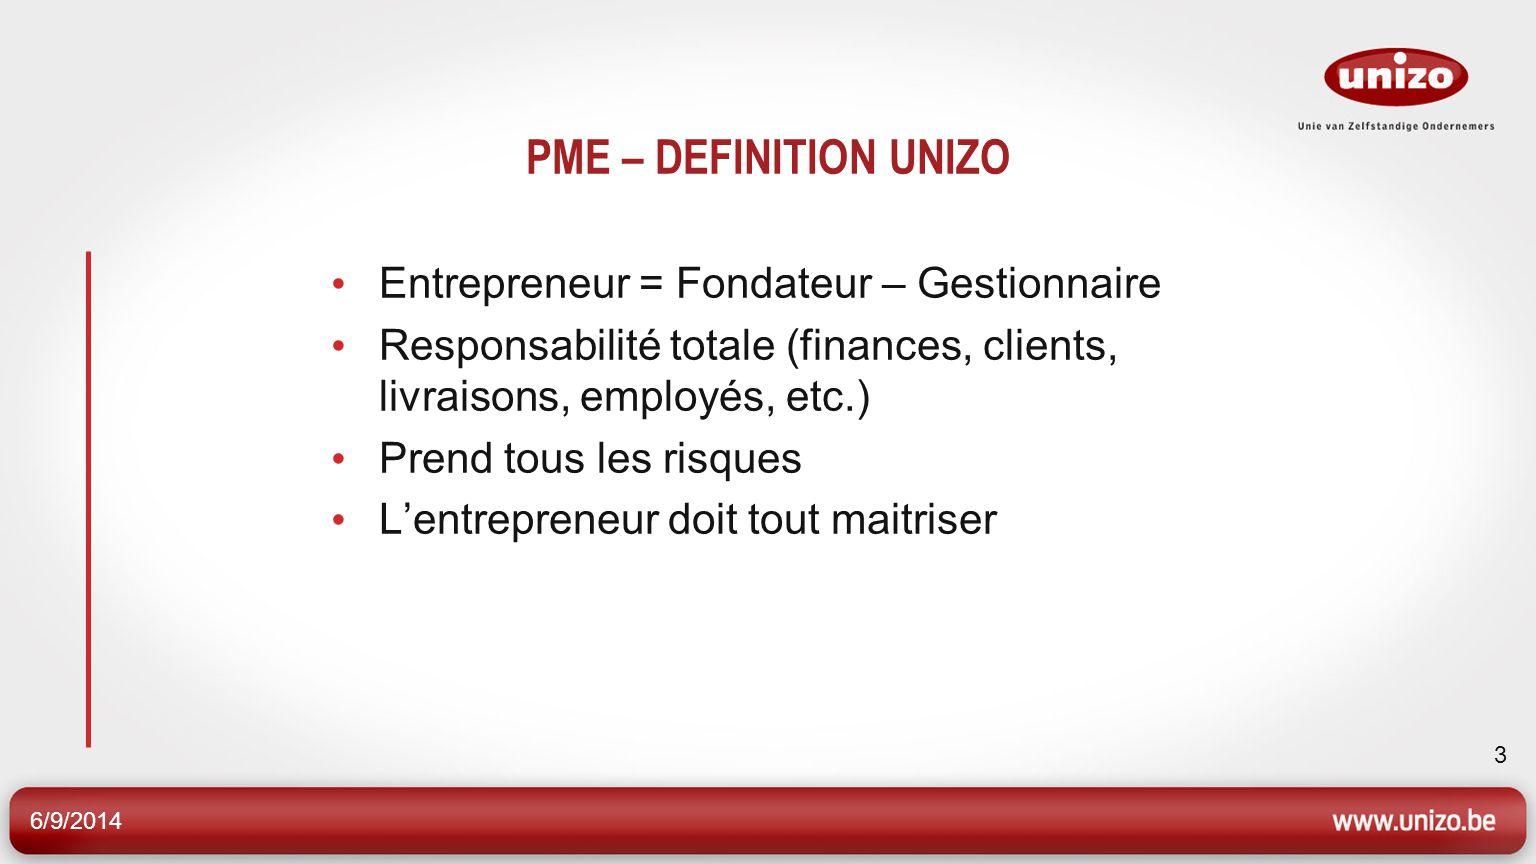 6/9/2014 3 PME – DEFINITION UNIZO Entrepreneur = Fondateur – Gestionnaire Responsabilité totale (finances, clients, livraisons, employés, etc.) Prend tous les risques Lentrepreneur doit tout maitriser